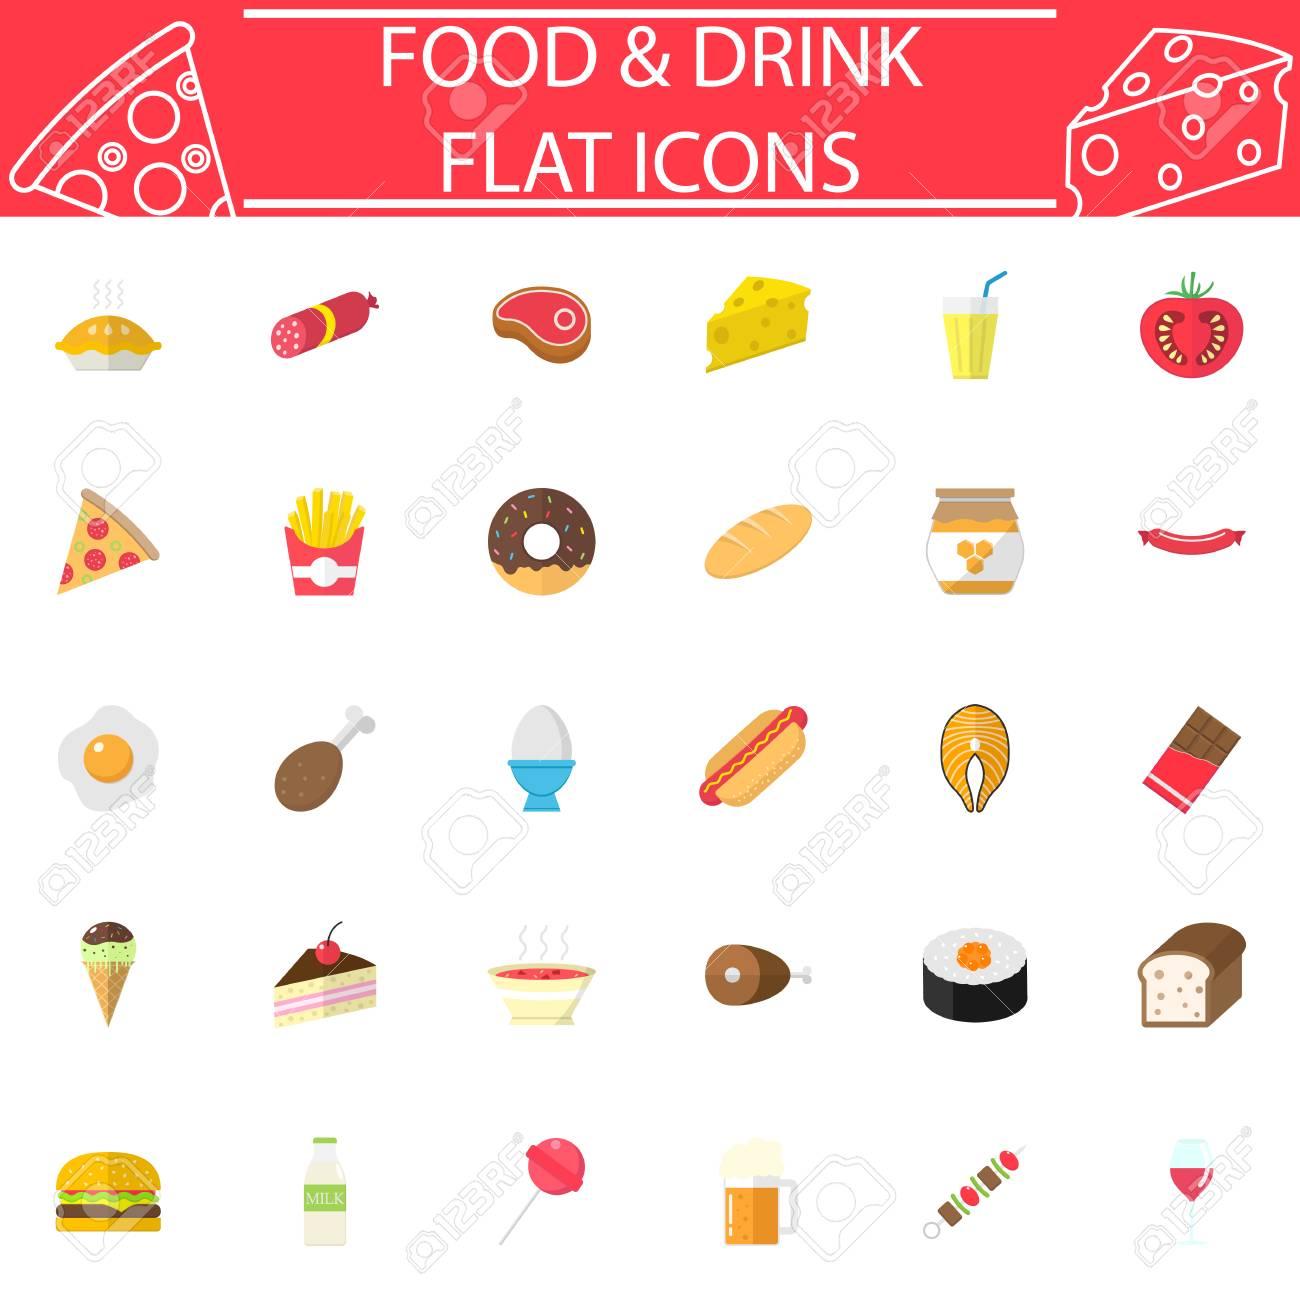 食べ物や飲み物はフラット絵文字パッケージお菓子の記号のコレクション